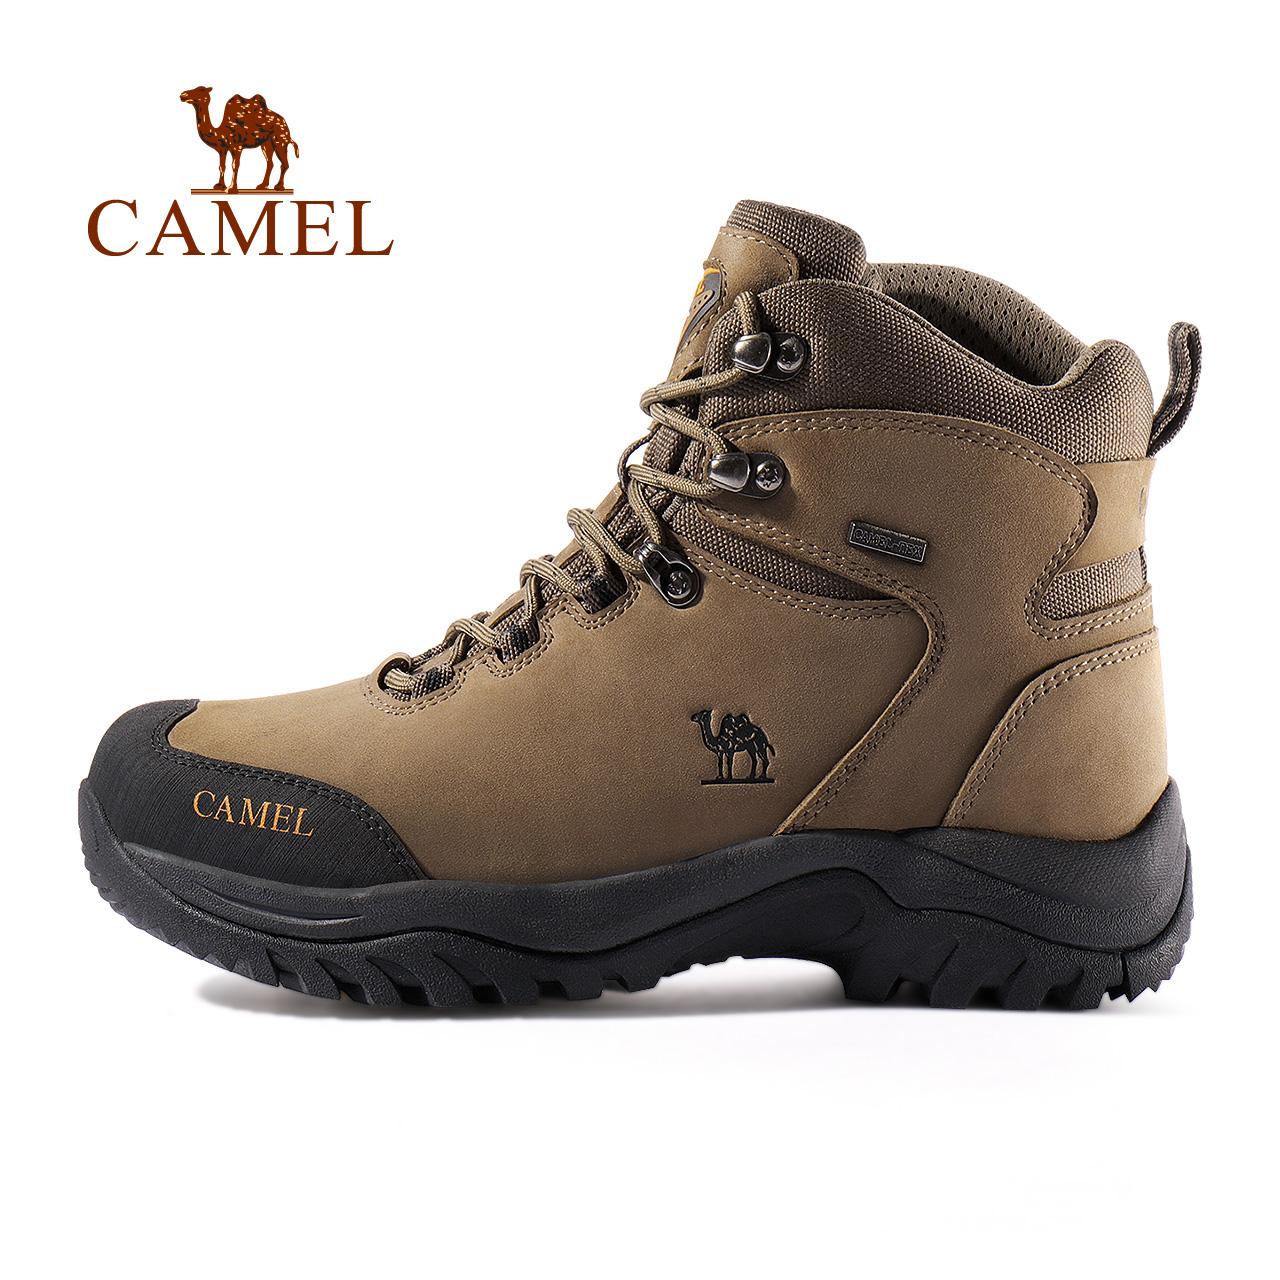 骆驼户外登山鞋男女秋冬季保暖防水防滑耐磨徒步户外鞋高帮登山靴